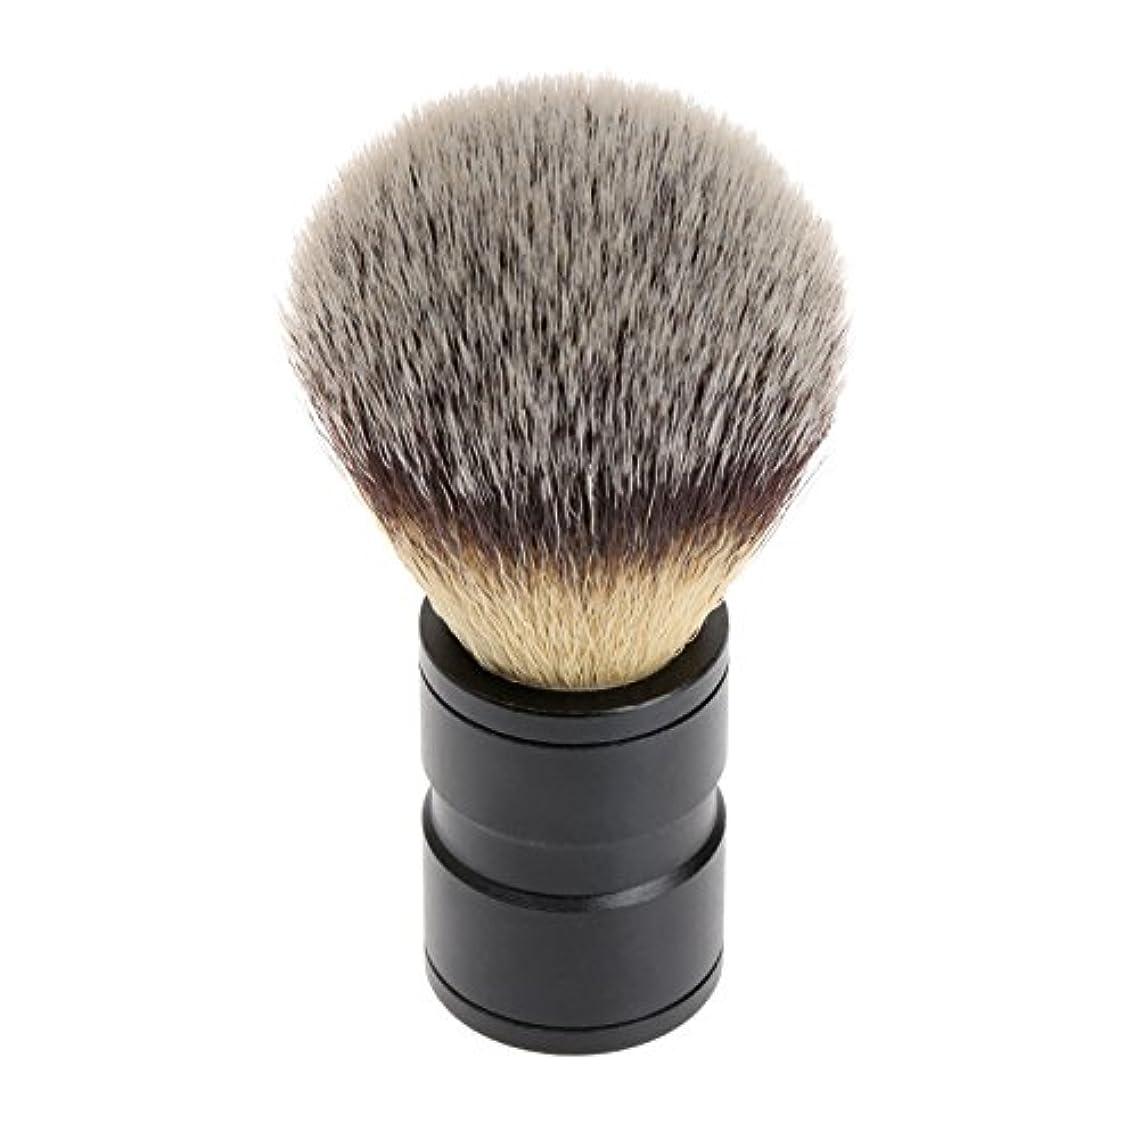 キー観察するカップシェービング ブラシ 理容 洗顔 髭剃り マッサージ 効果 ナイロン毛 メンズ